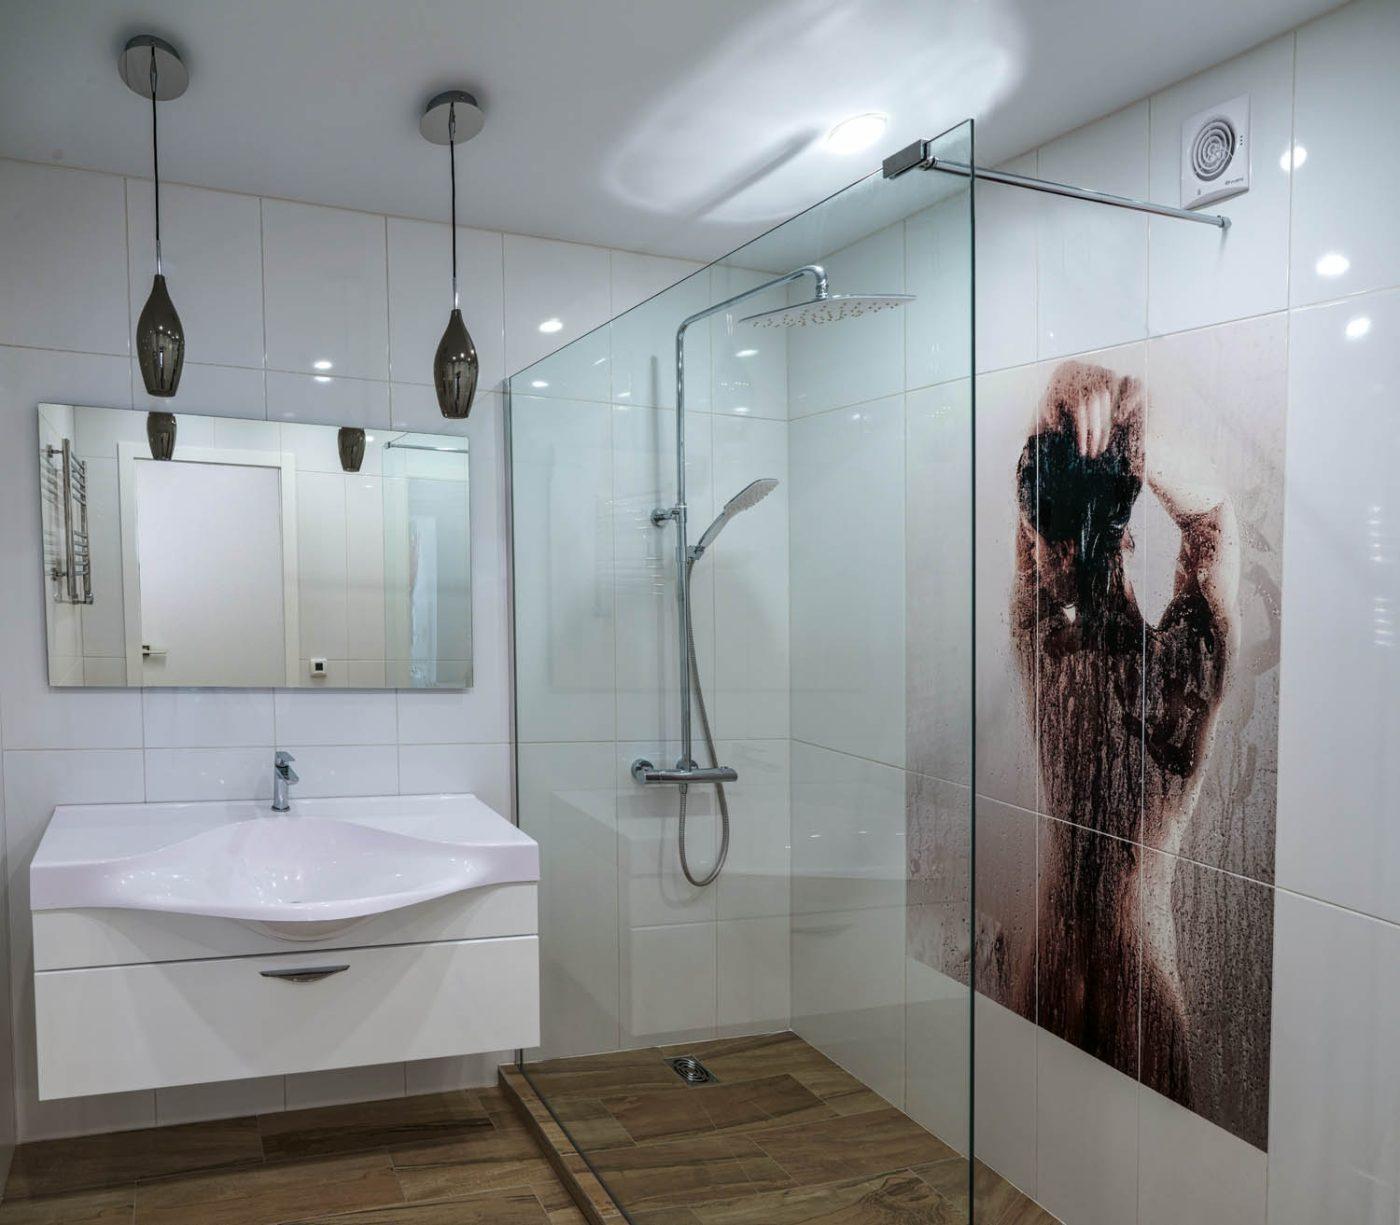 Дизайн интерьера душевой со стеклянной перегородкой